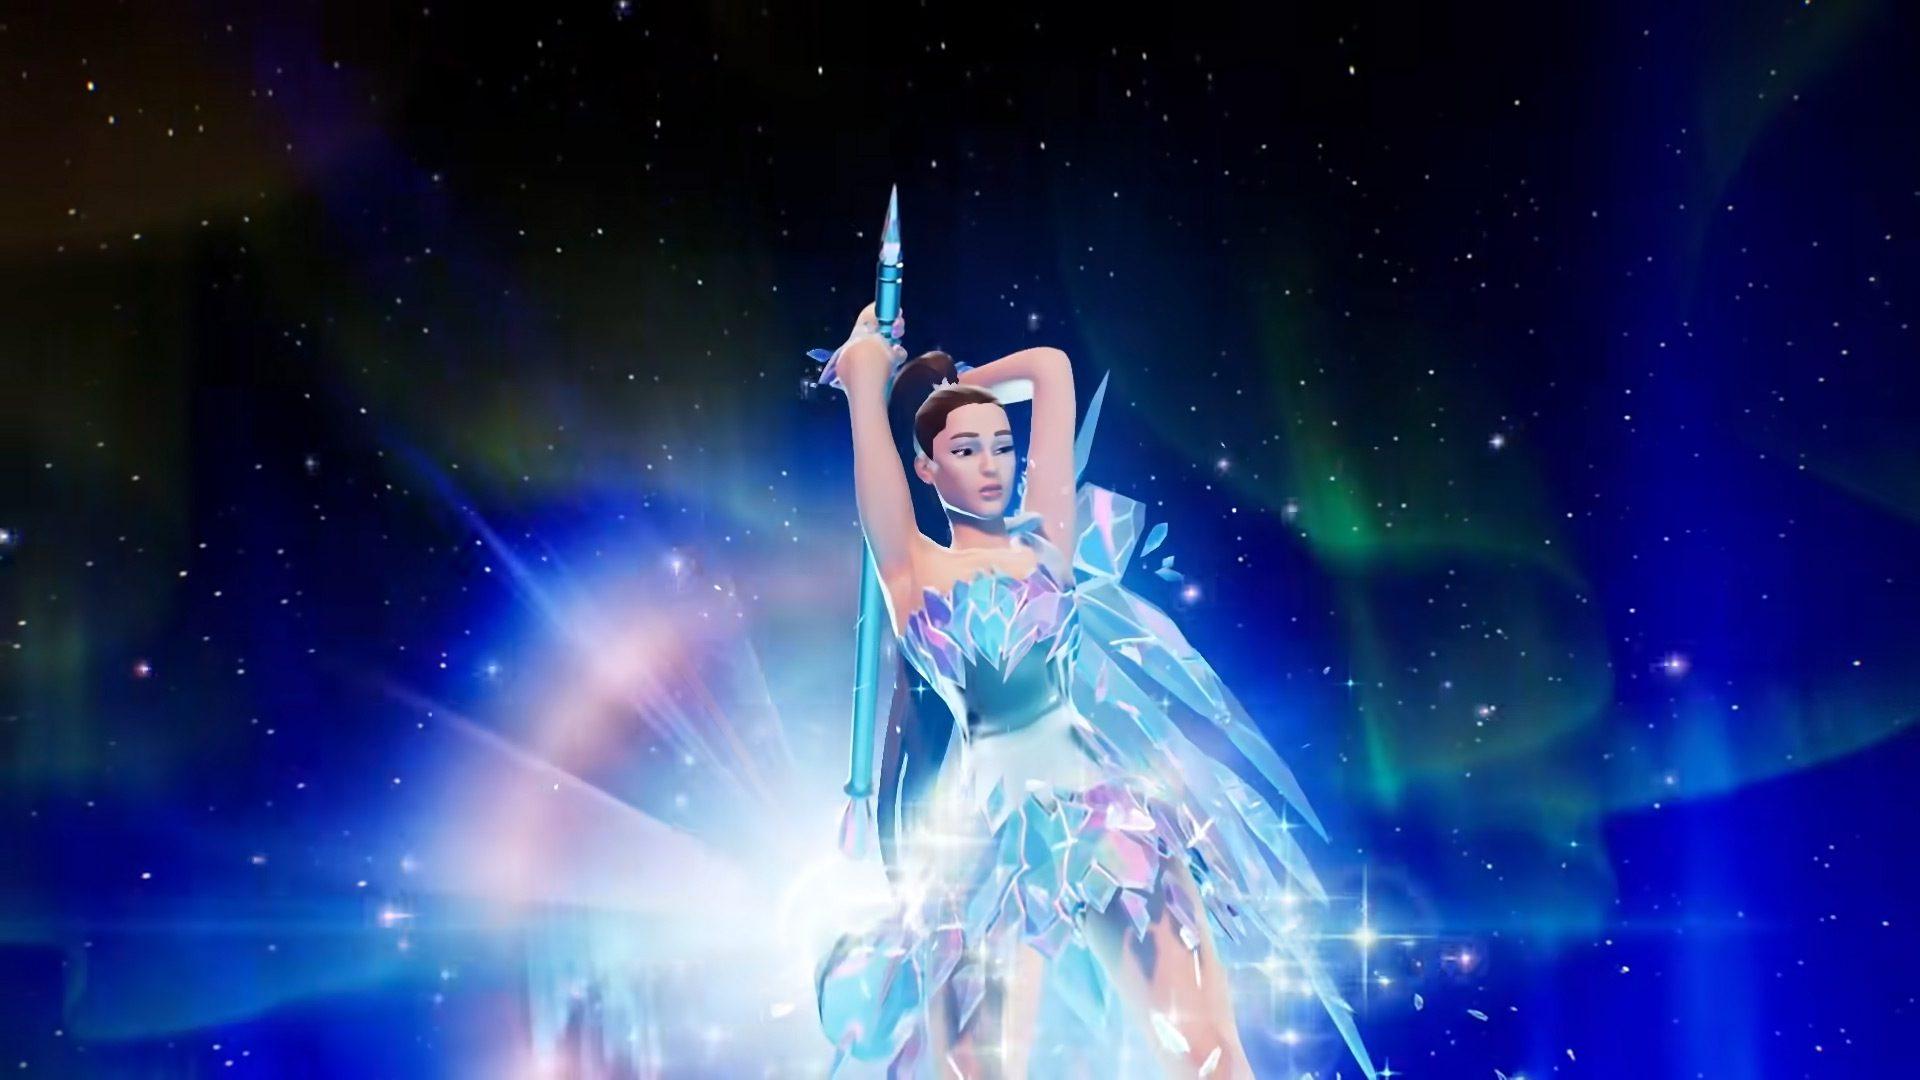 Ariana Grande performing in Fortnite